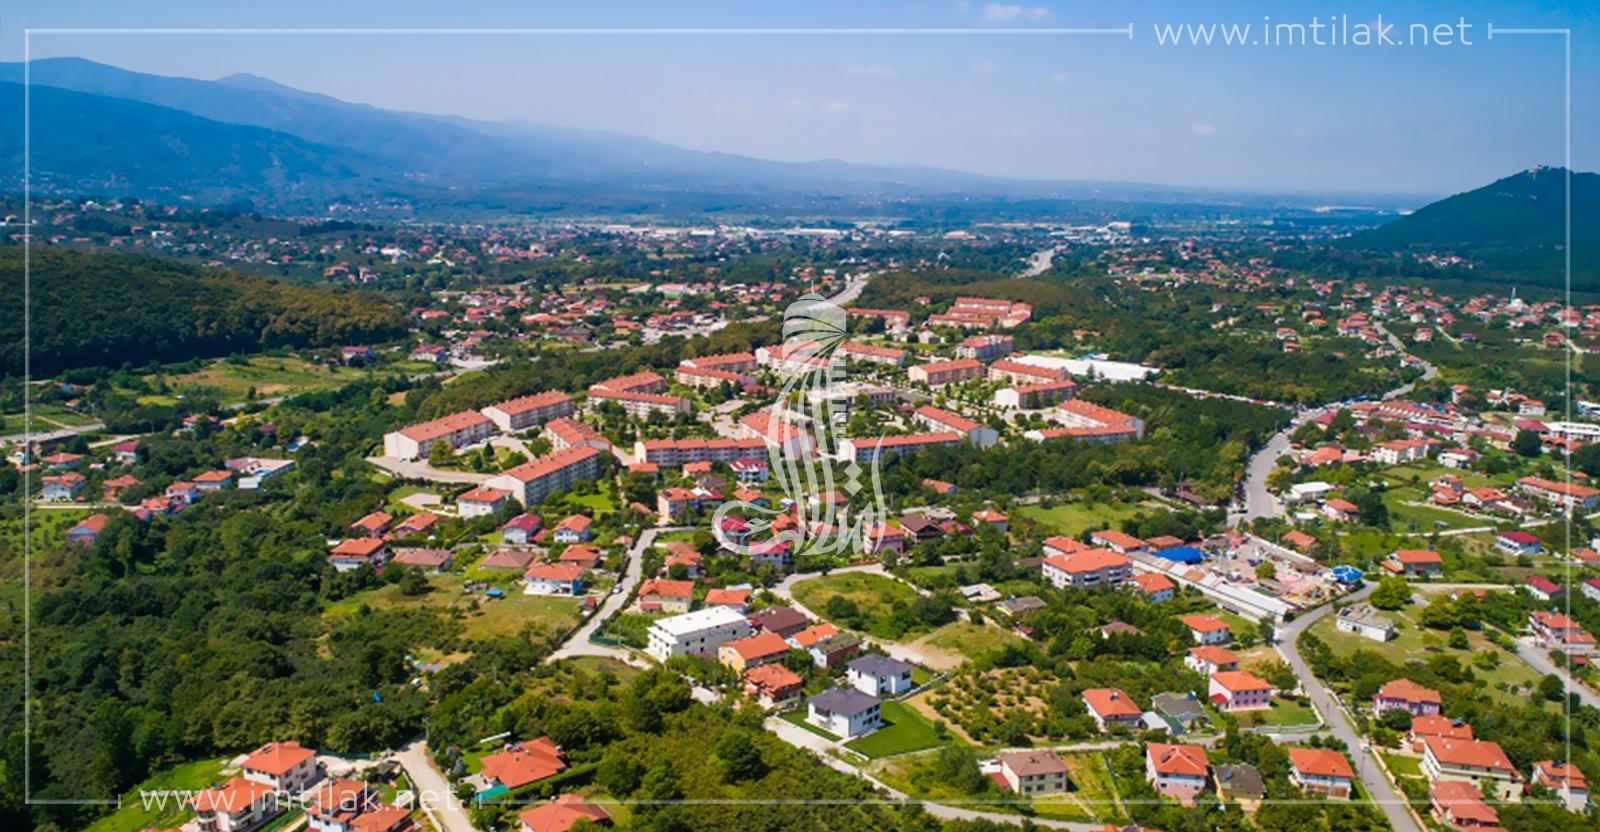 Kzluk Villas IMT - 678